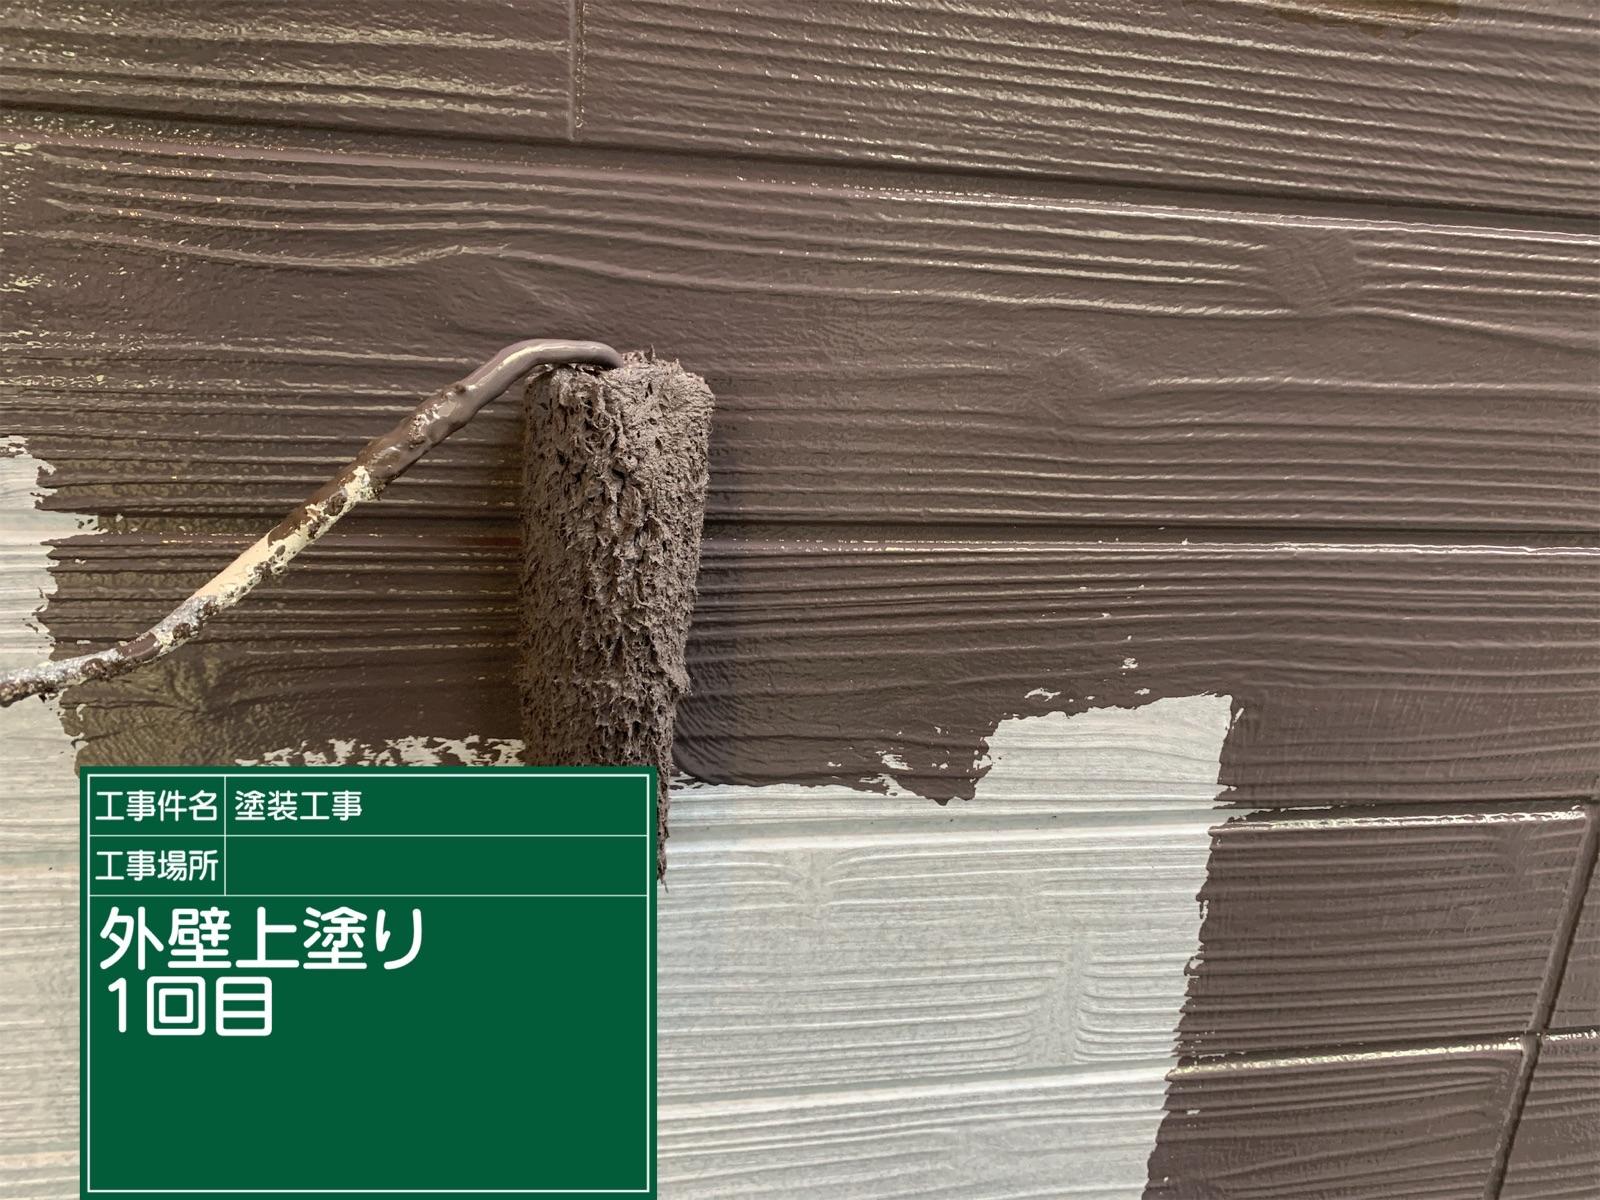 外壁塗り替え上塗り1回目中(2)300017